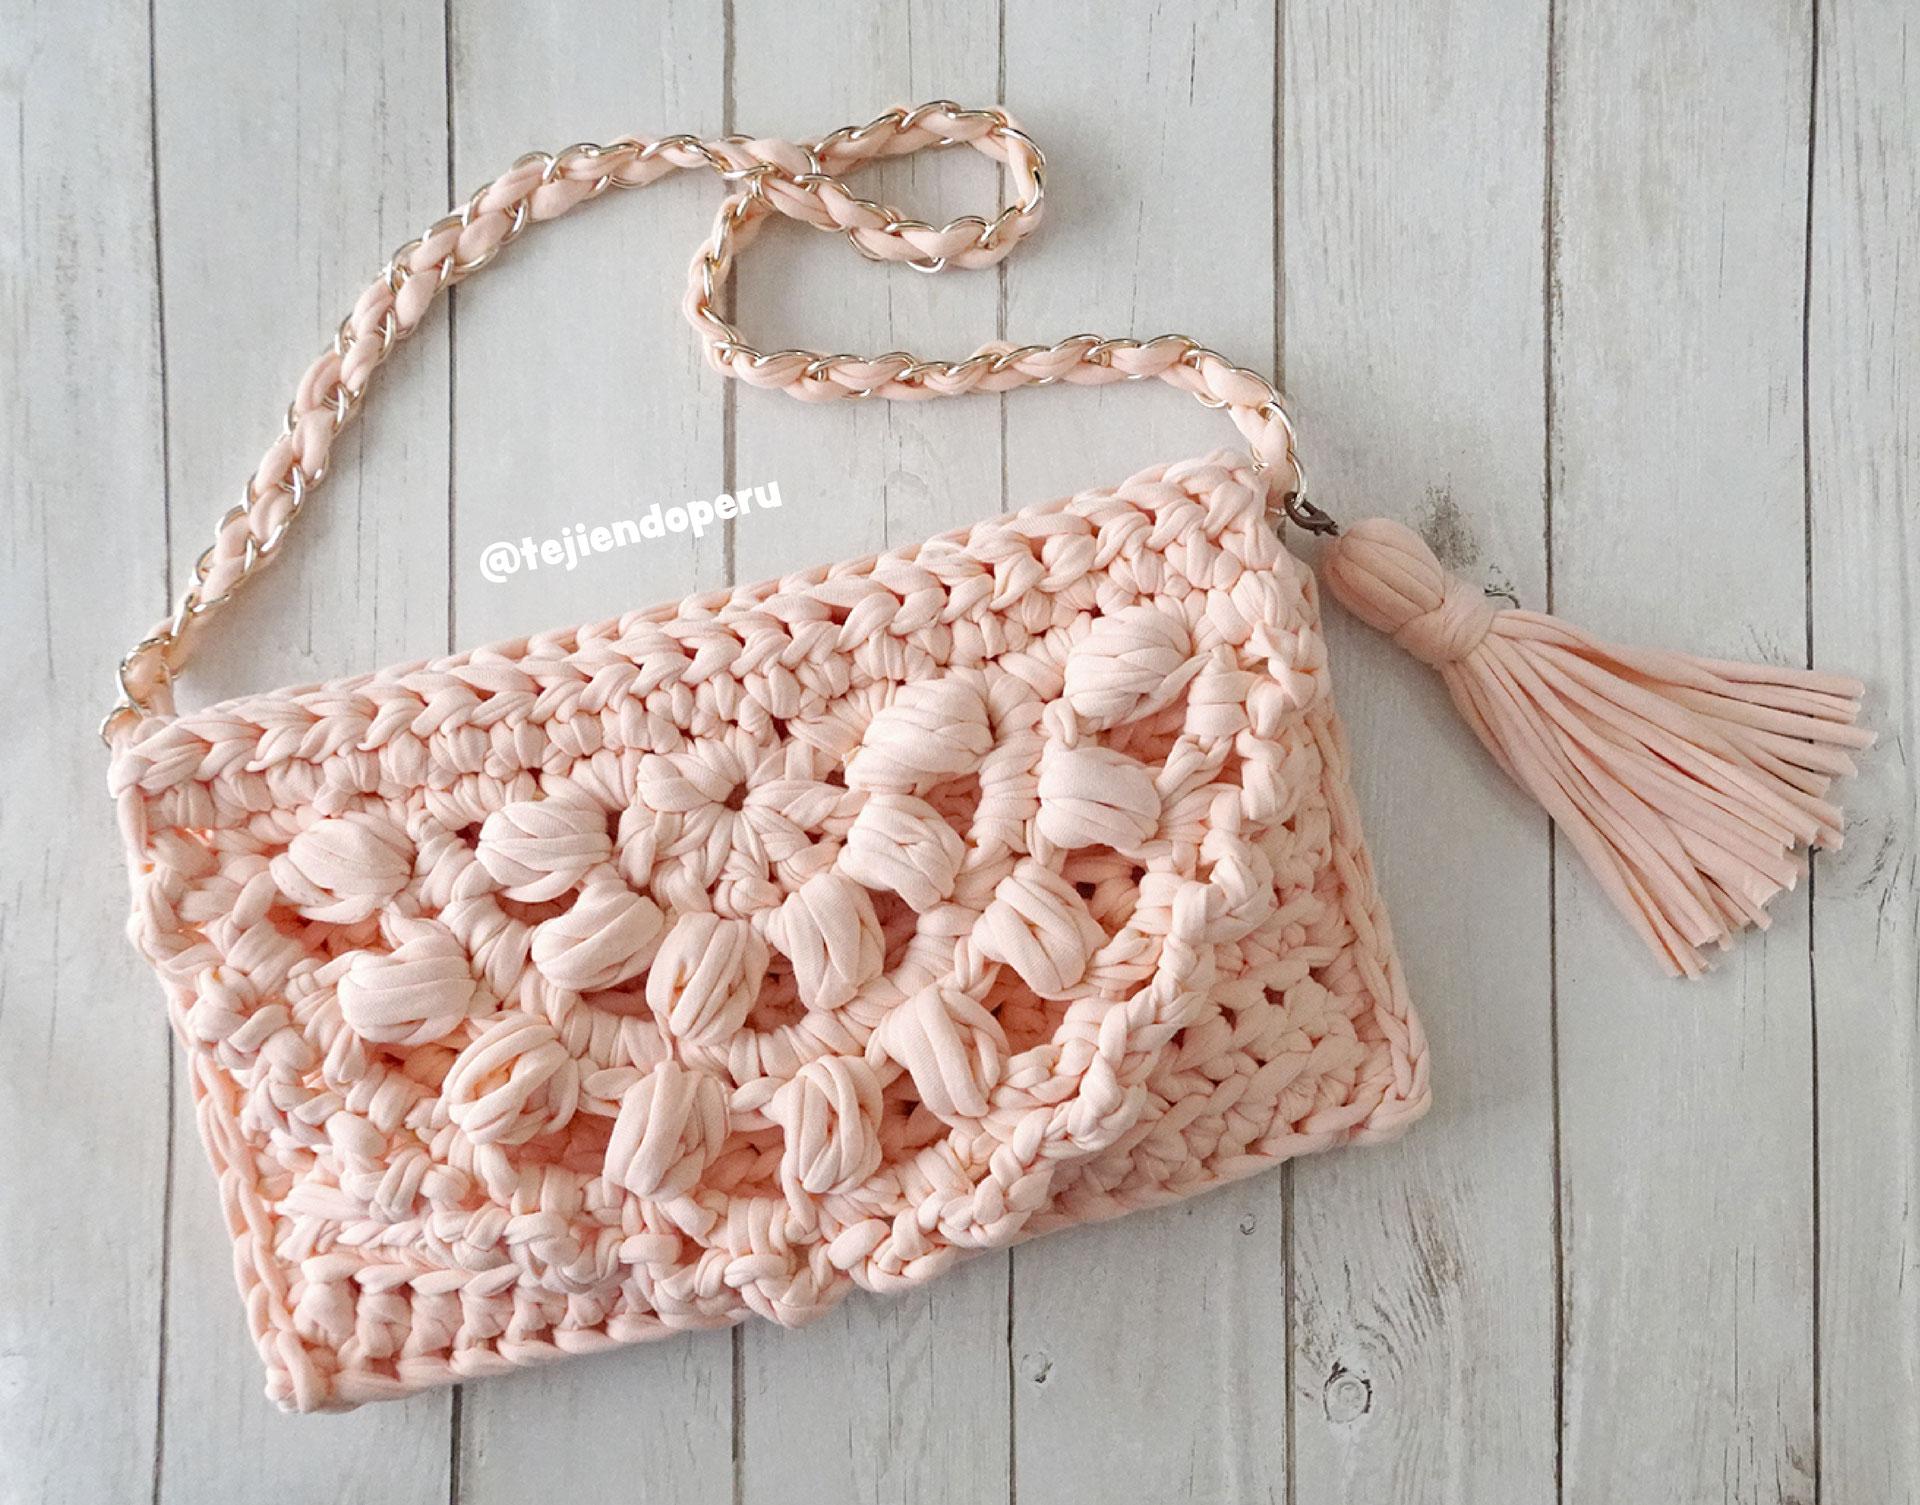 vendido en todo el mundo gran selección de distribuidor mayorista Bolso clutch de una pieza tejido en trapillo o totora con crochet ...